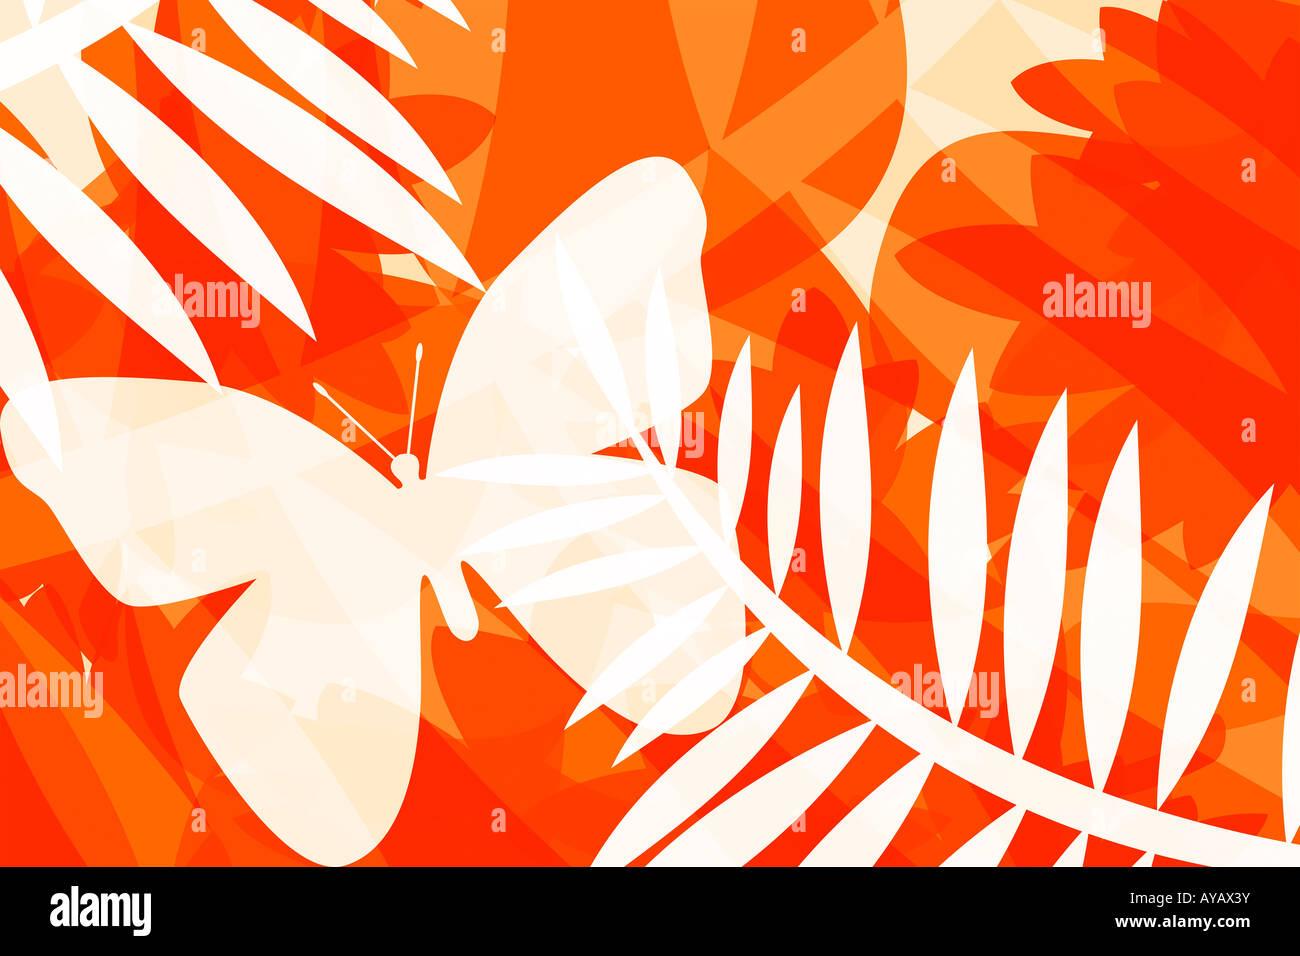 Ilustración de mariposas y hojas Imagen De Stock